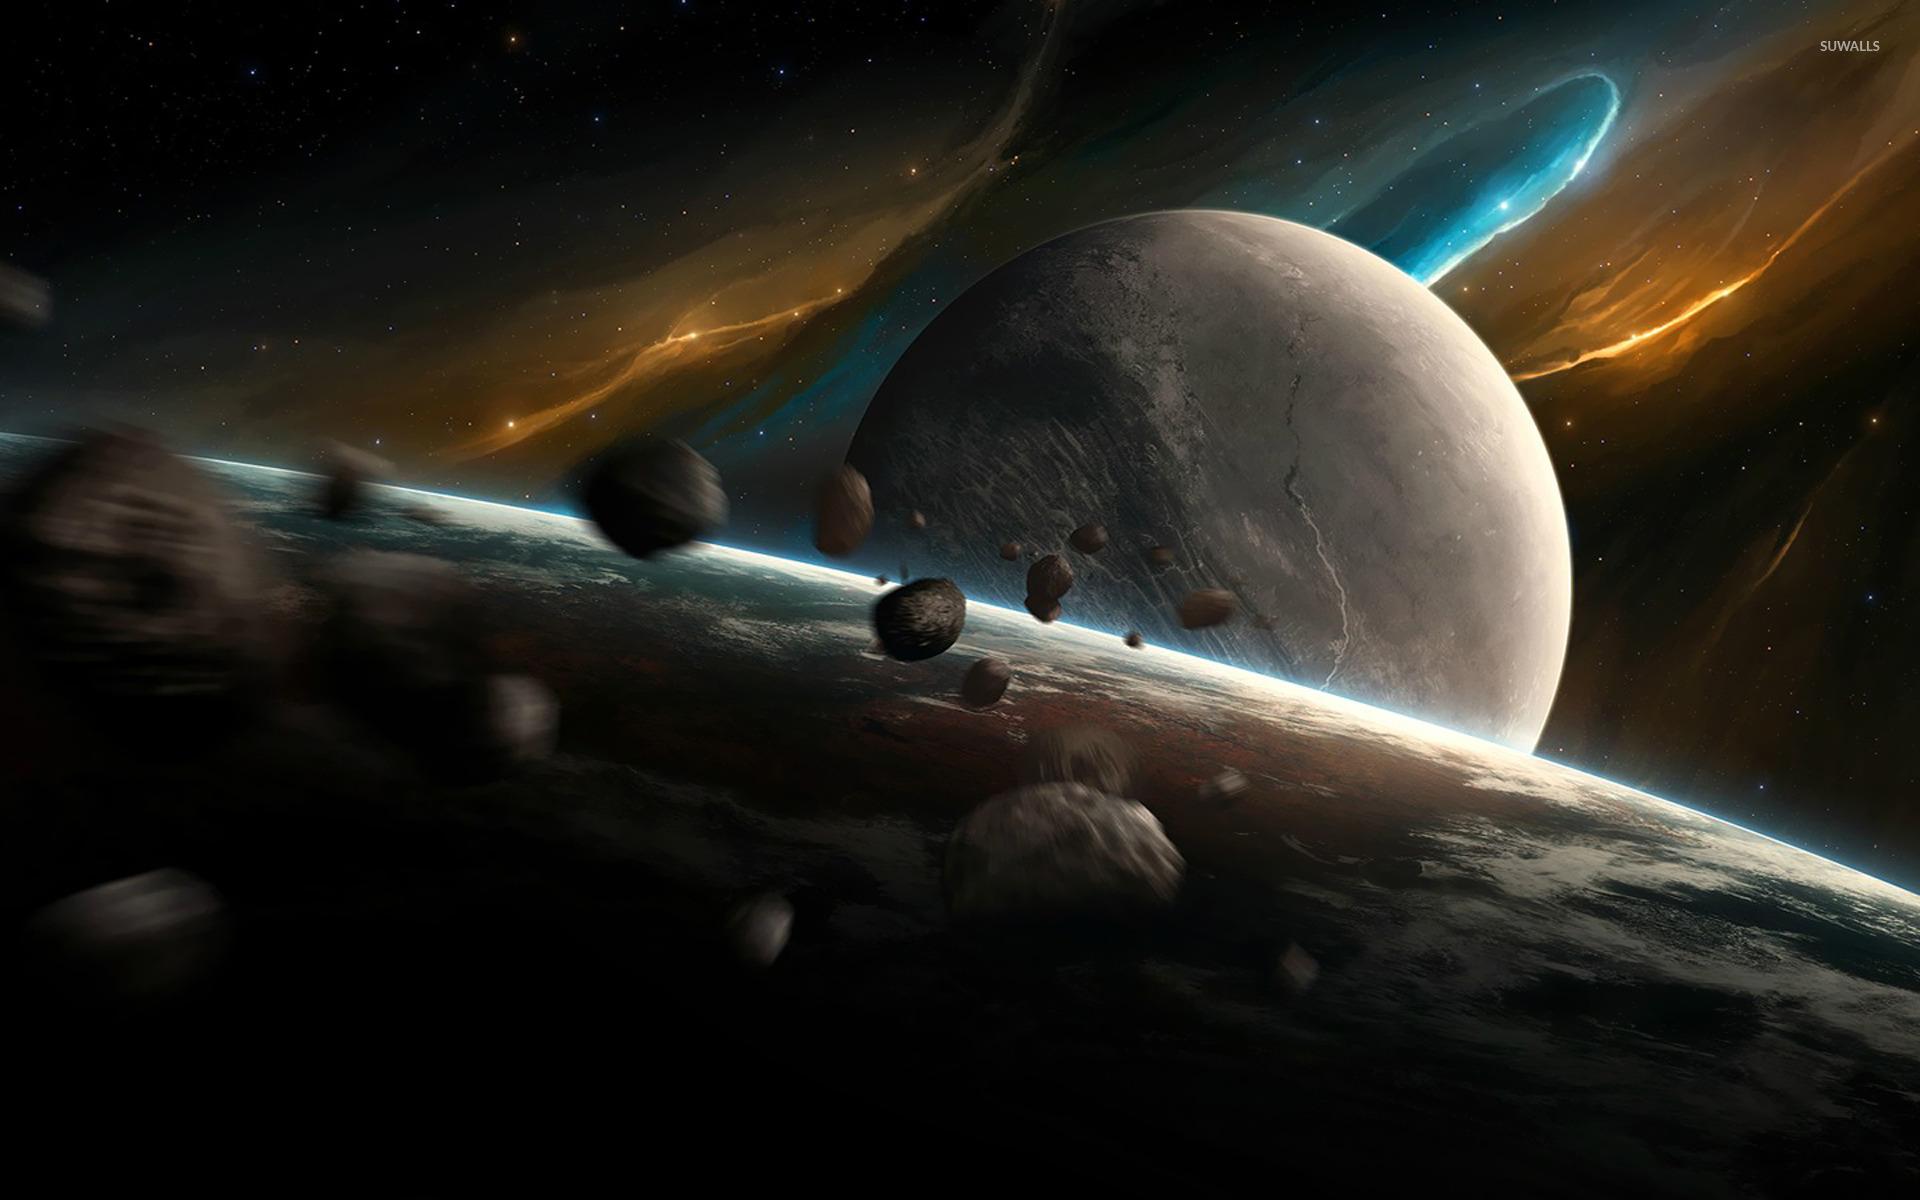 Resultado de imagen para asteroids moons planets